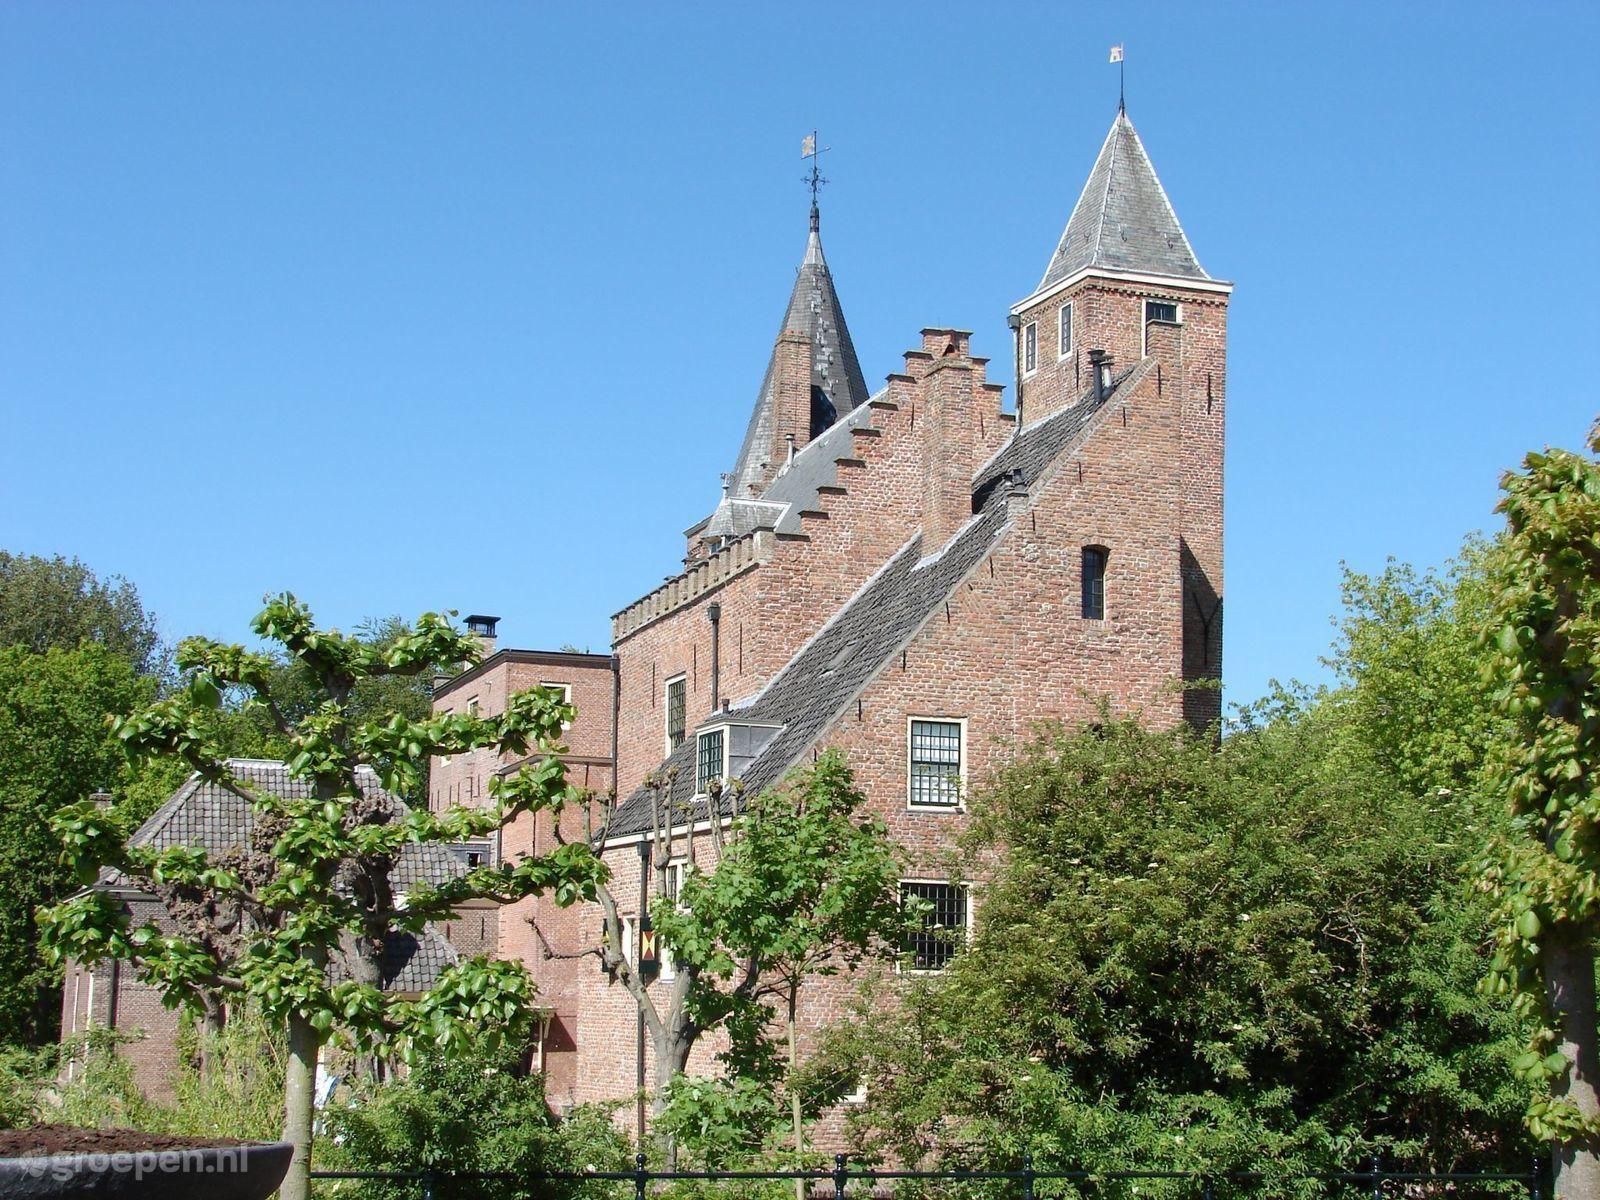 Vakantiehuis Haamstede